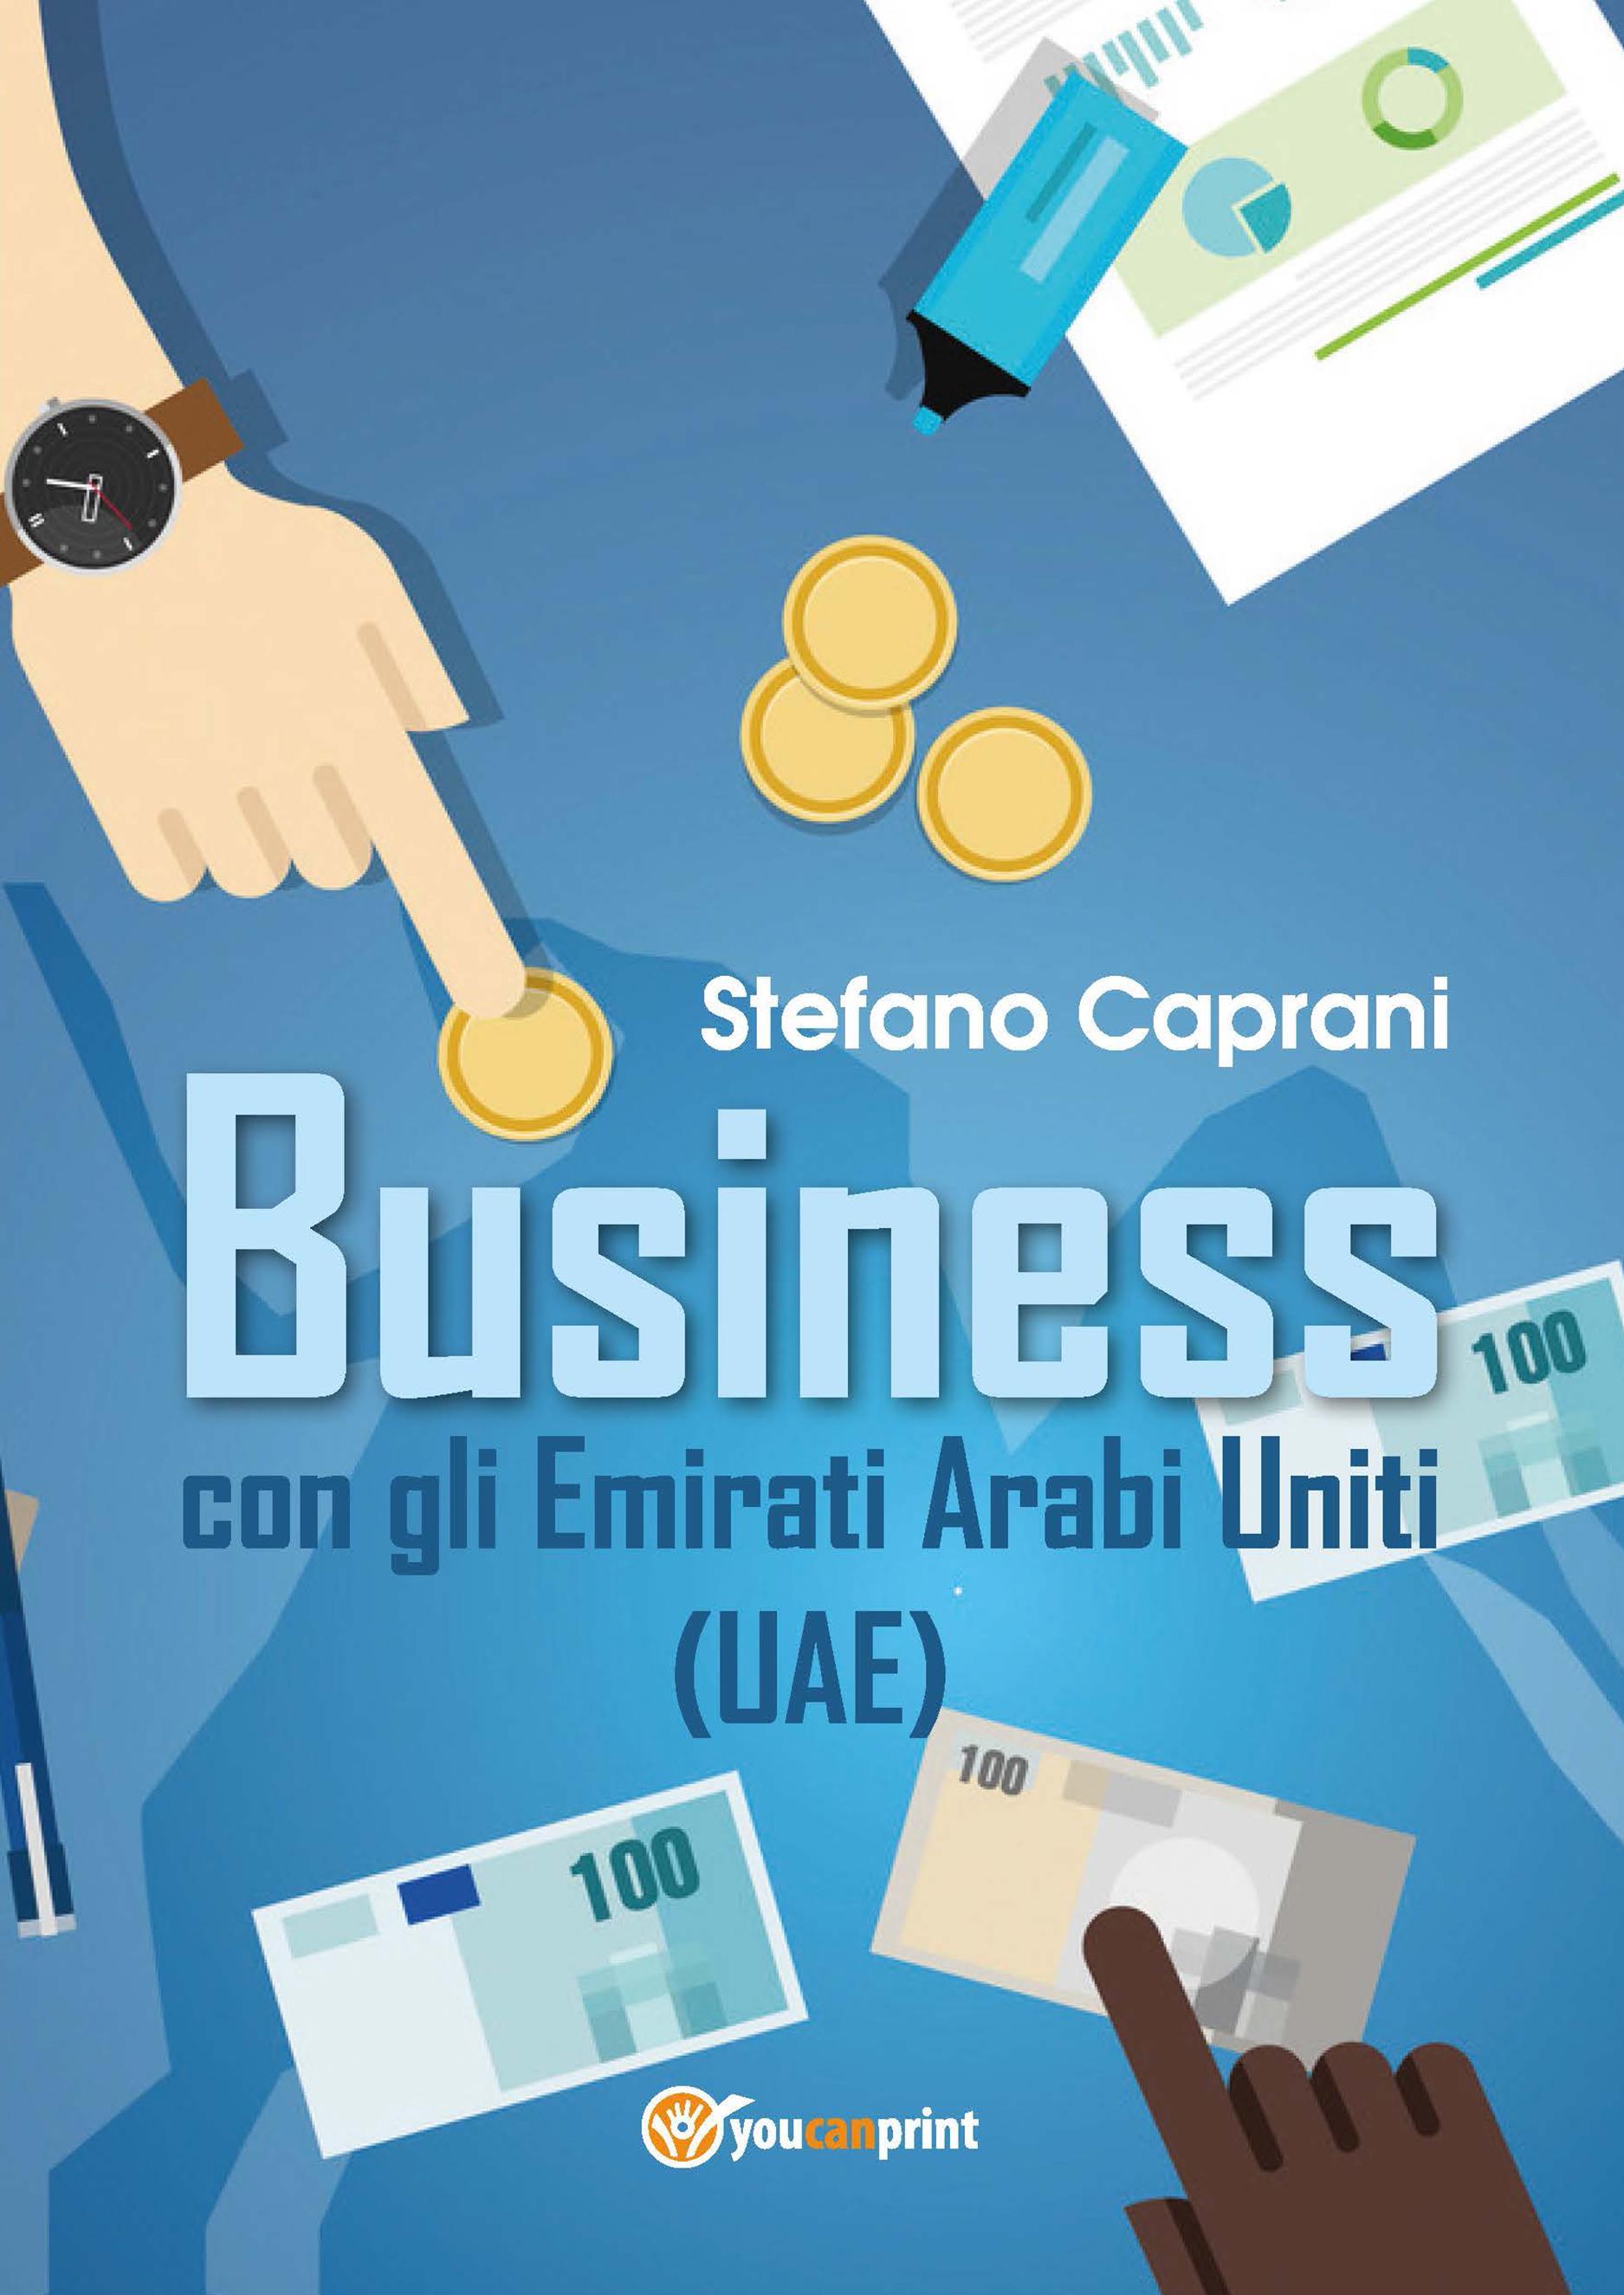 Business con gli Emirati Arabi Uniti - (UAE)